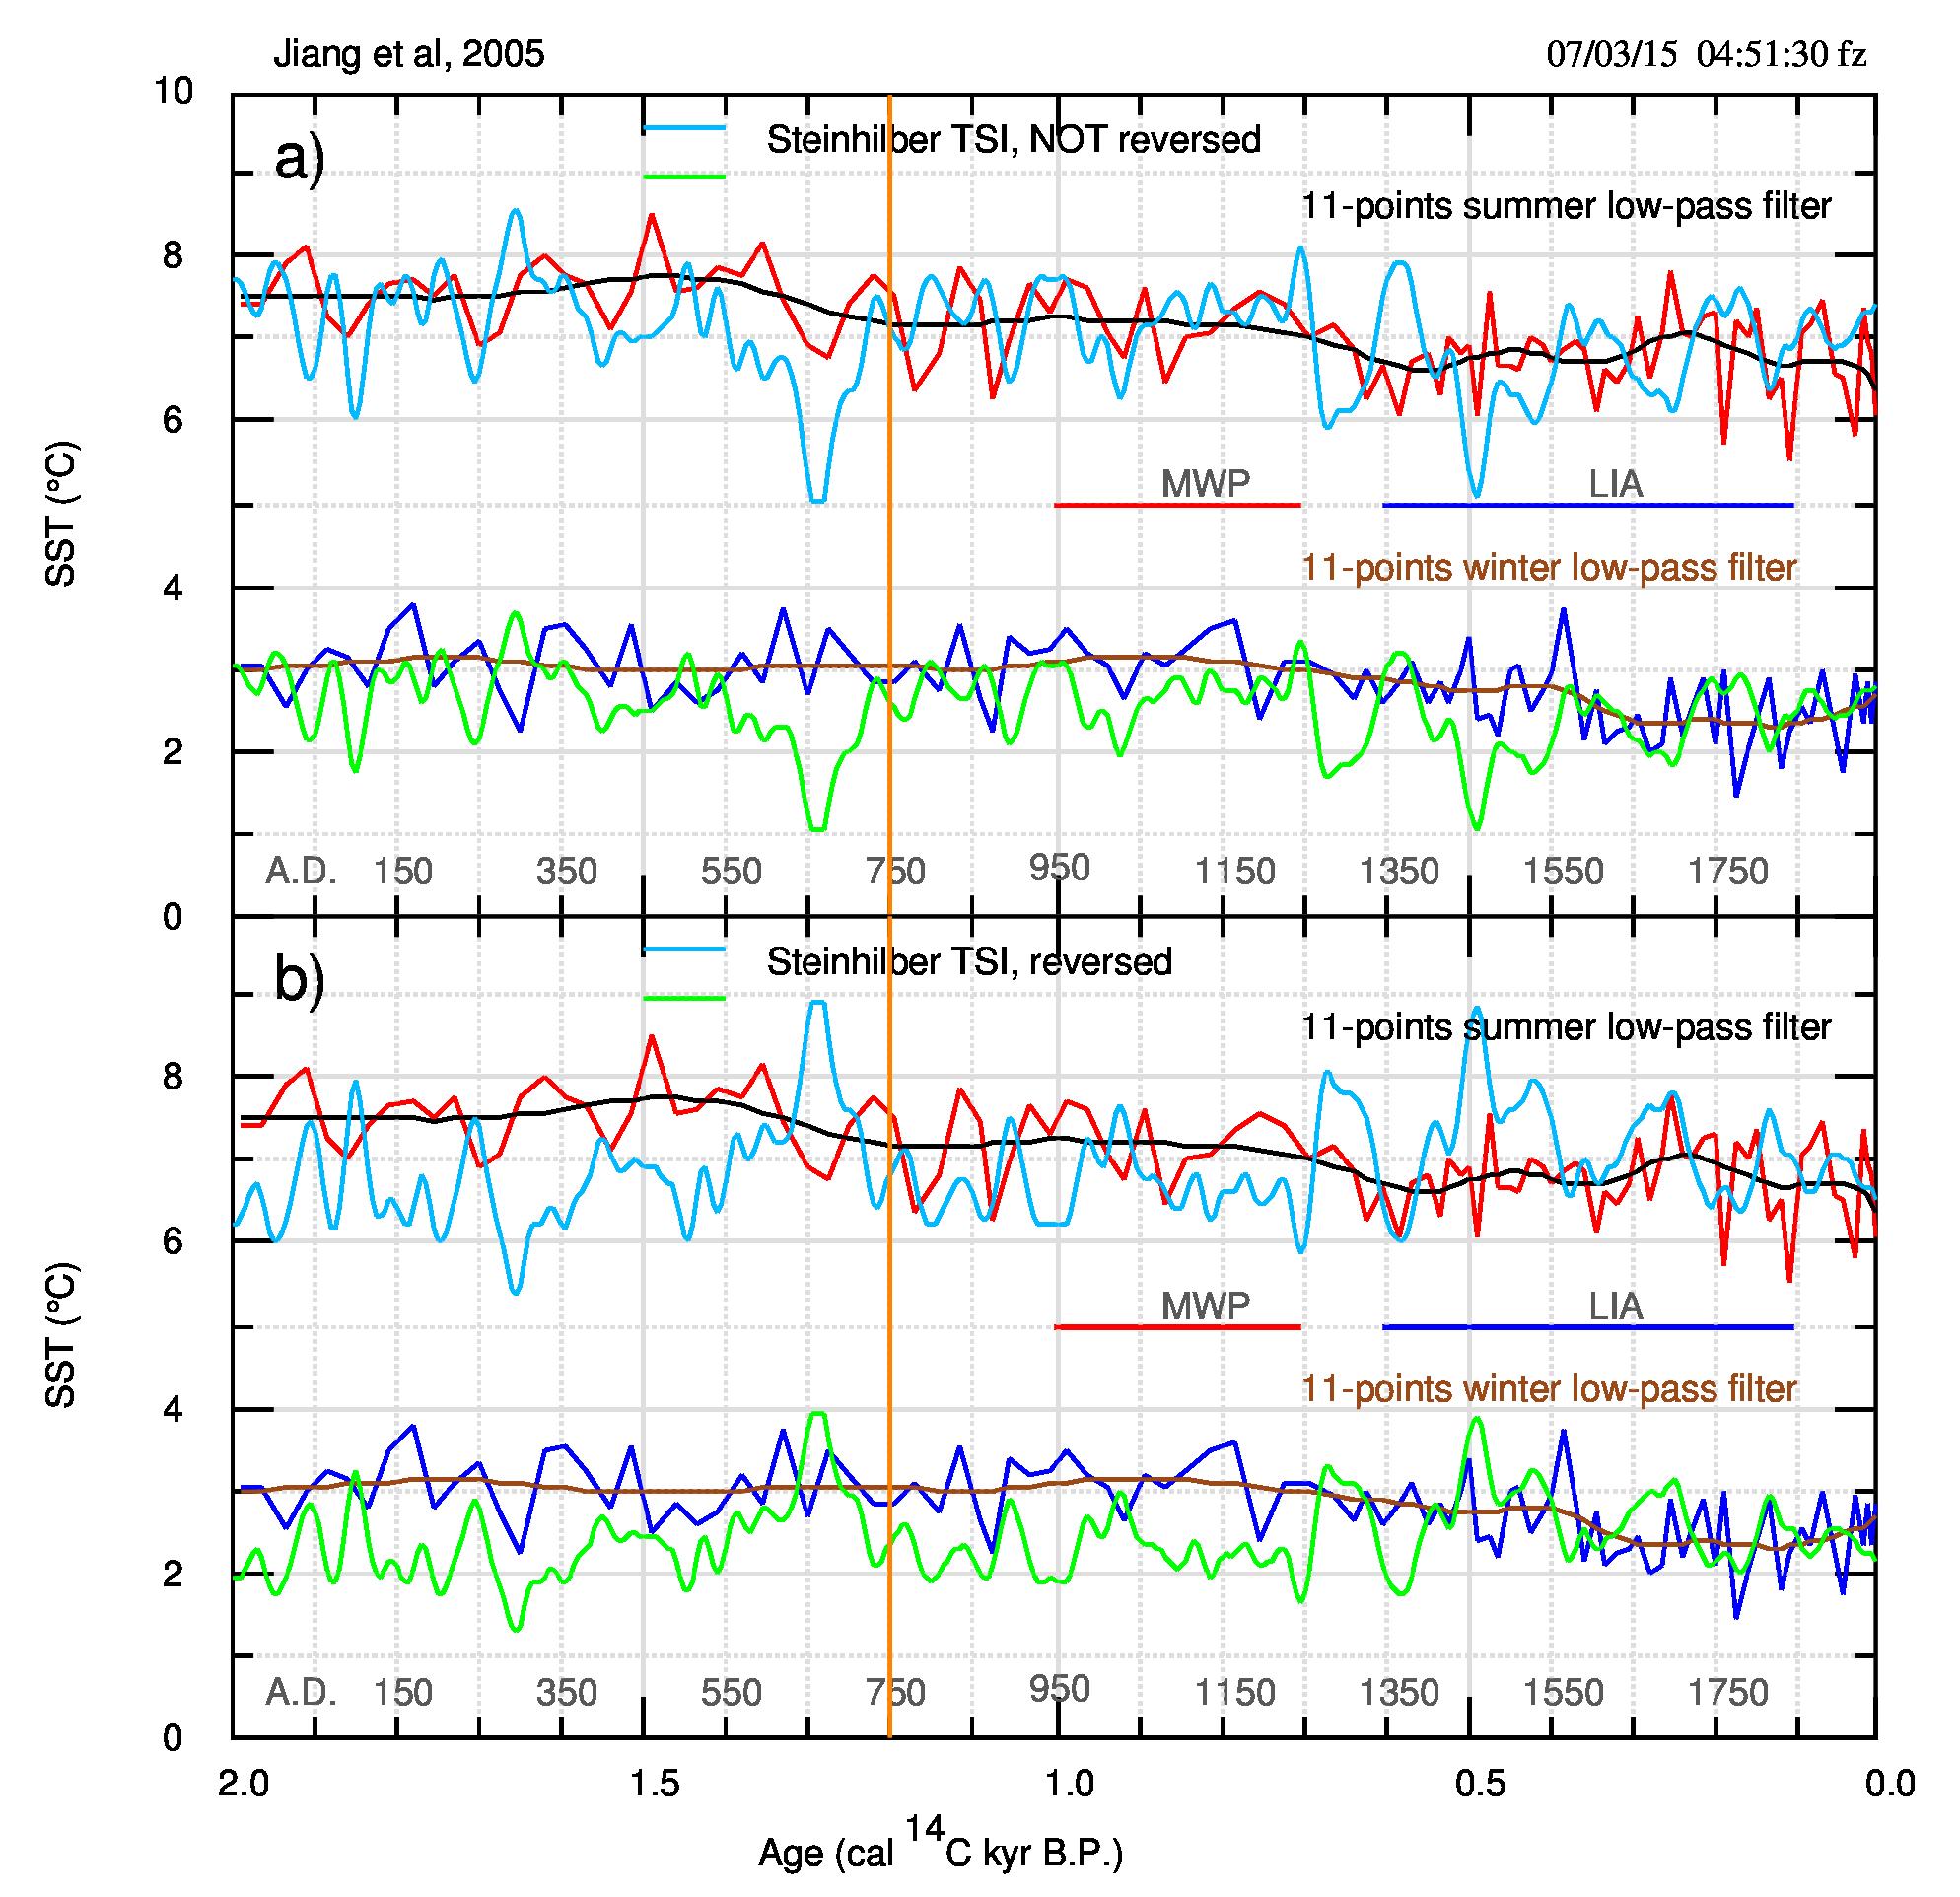 Fig.9. Come fig.8 ma per i dati j2005. La riga verticale arancio segna i 1200 anni BP, il valore limite usato dagli autori per il confronto con l'attività solare. In a) i dati con la TSI originale; in b) la TSI è invertita. Da notare che la correlazione non cambia in modo significativo invertendo la TSI.